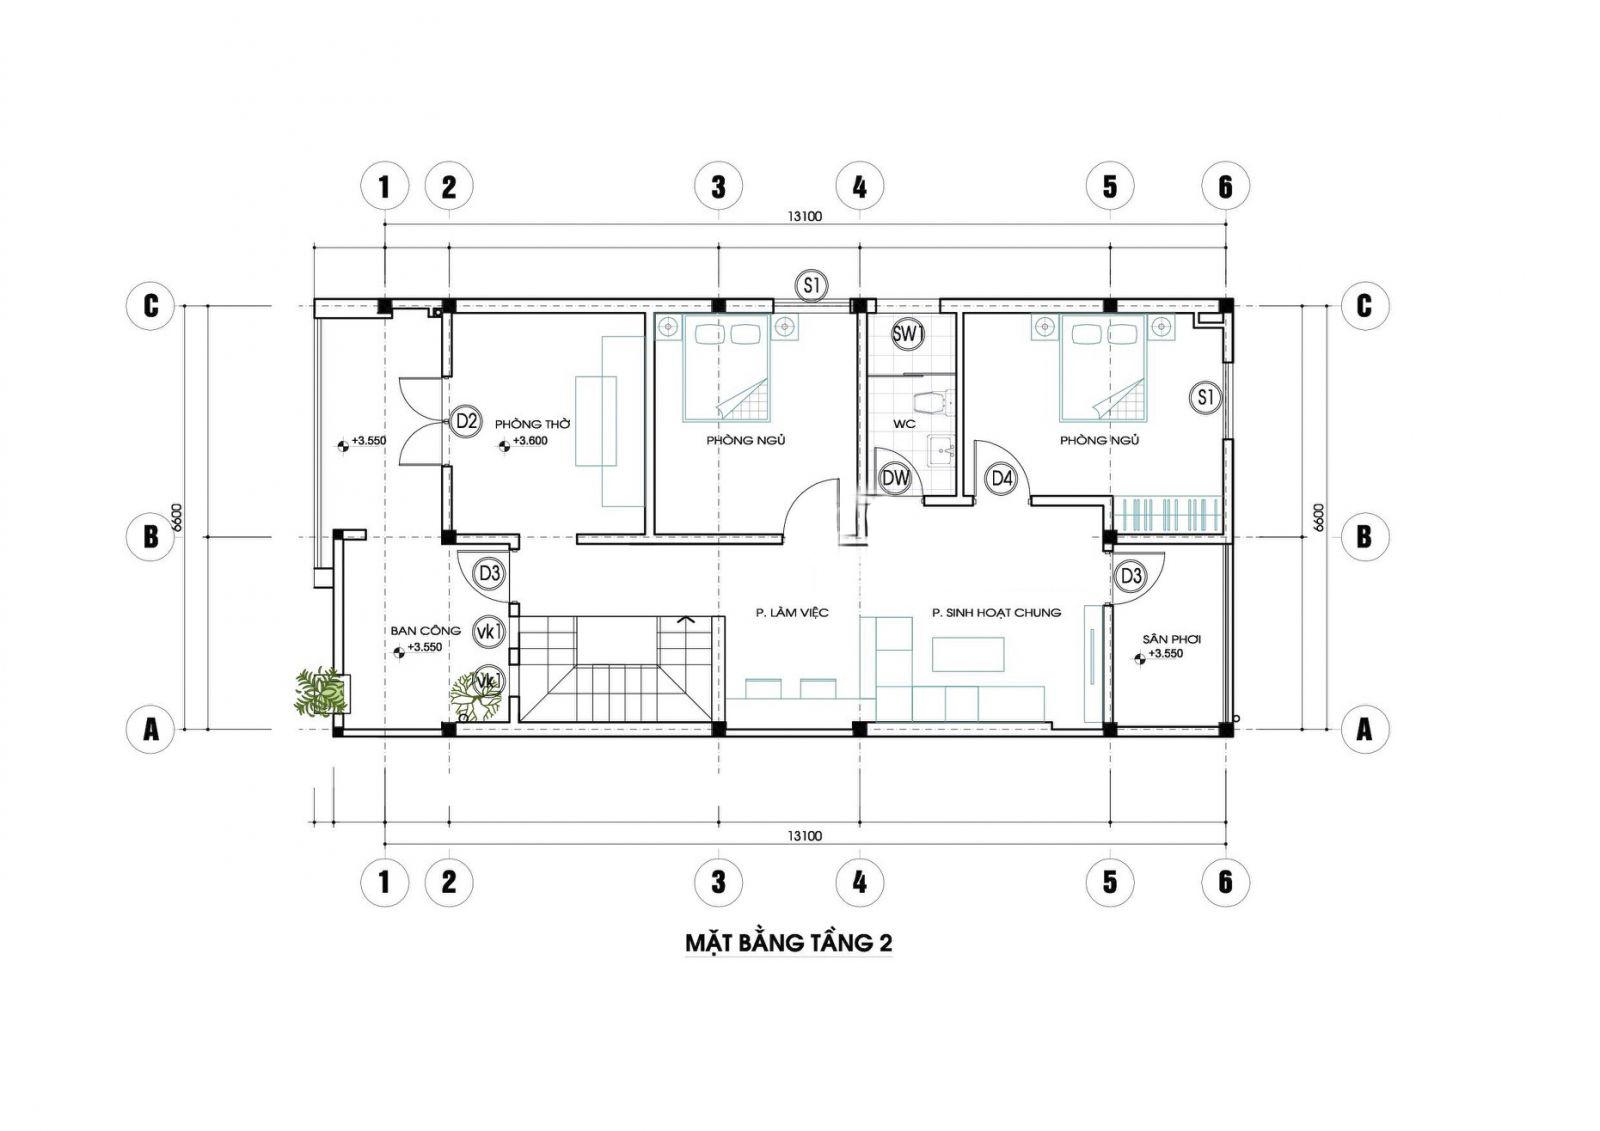 Mặt bằng tầng 2 mẫu nhà đẹp 2 tầng 3 phòng ngủ